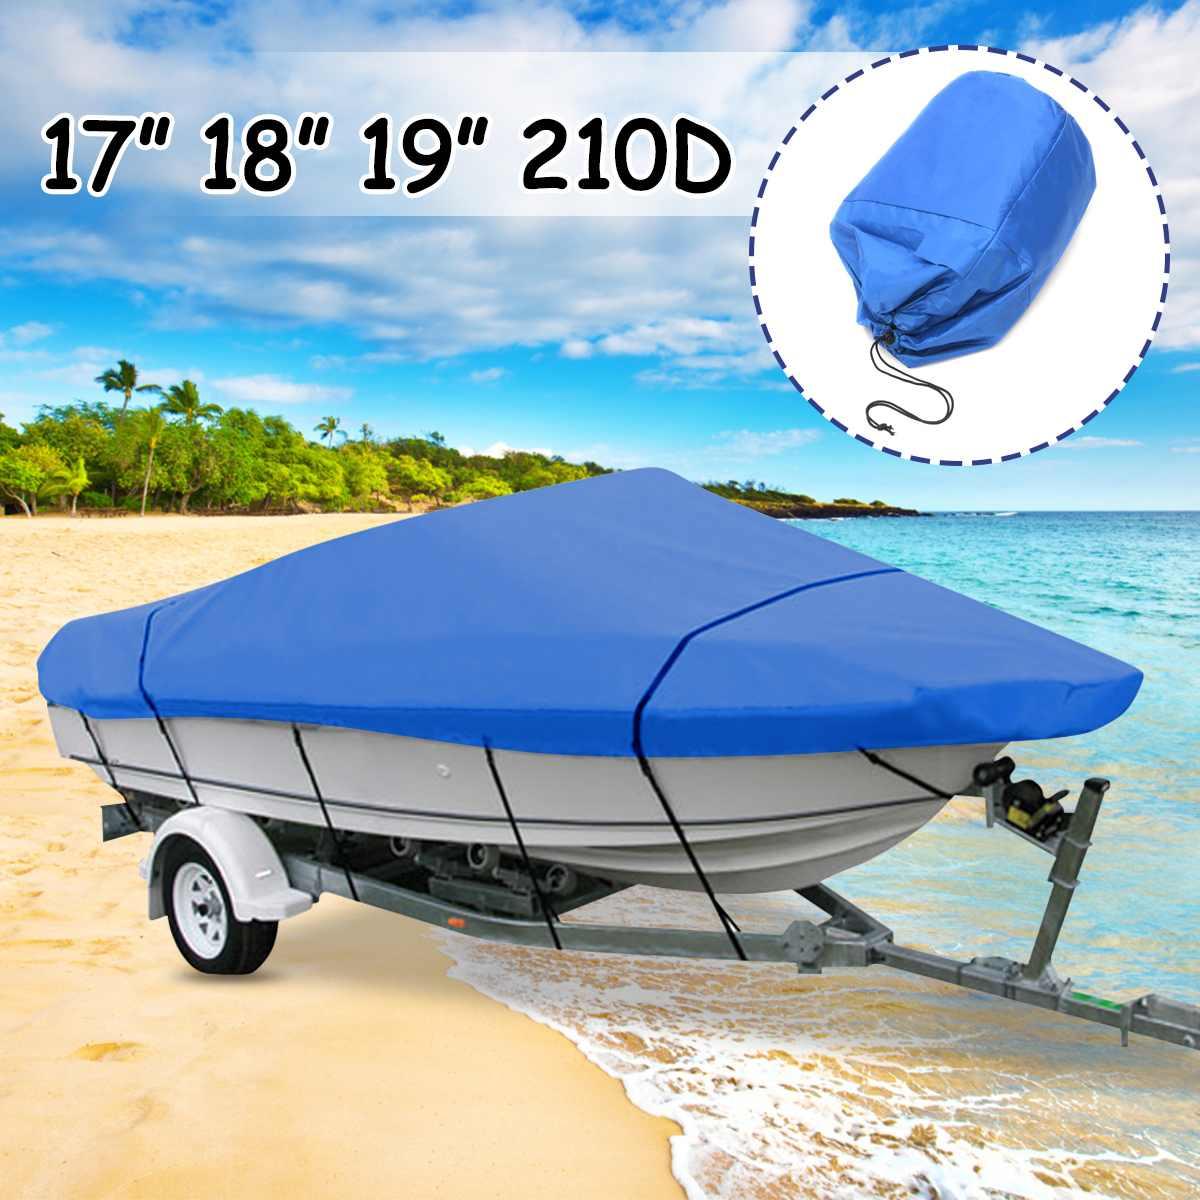 Marine bleu Extra lourd bateau pour hors-bord couverture 171819 étanche pêche Ski basse v-coque 210D